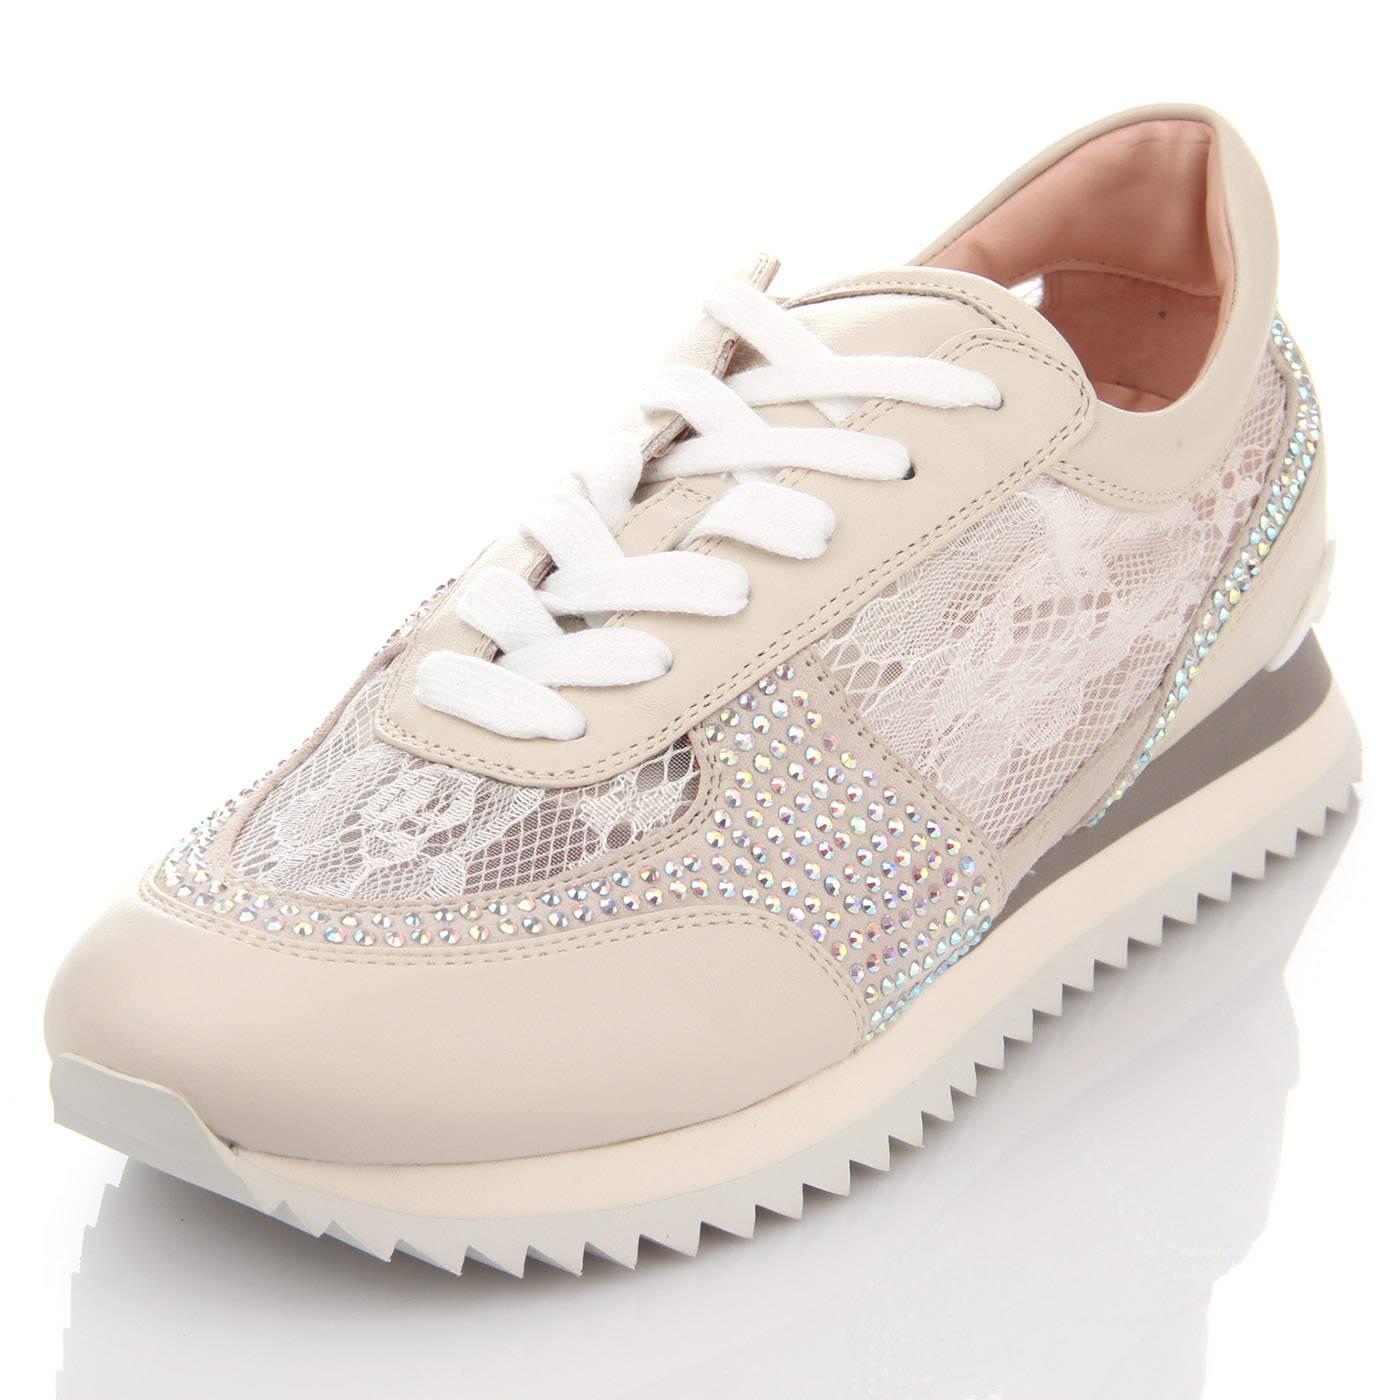 Кросівки жіночі Basconi 5664 Бежевий купить по выгодной цене в ... 6da29d422fdd6